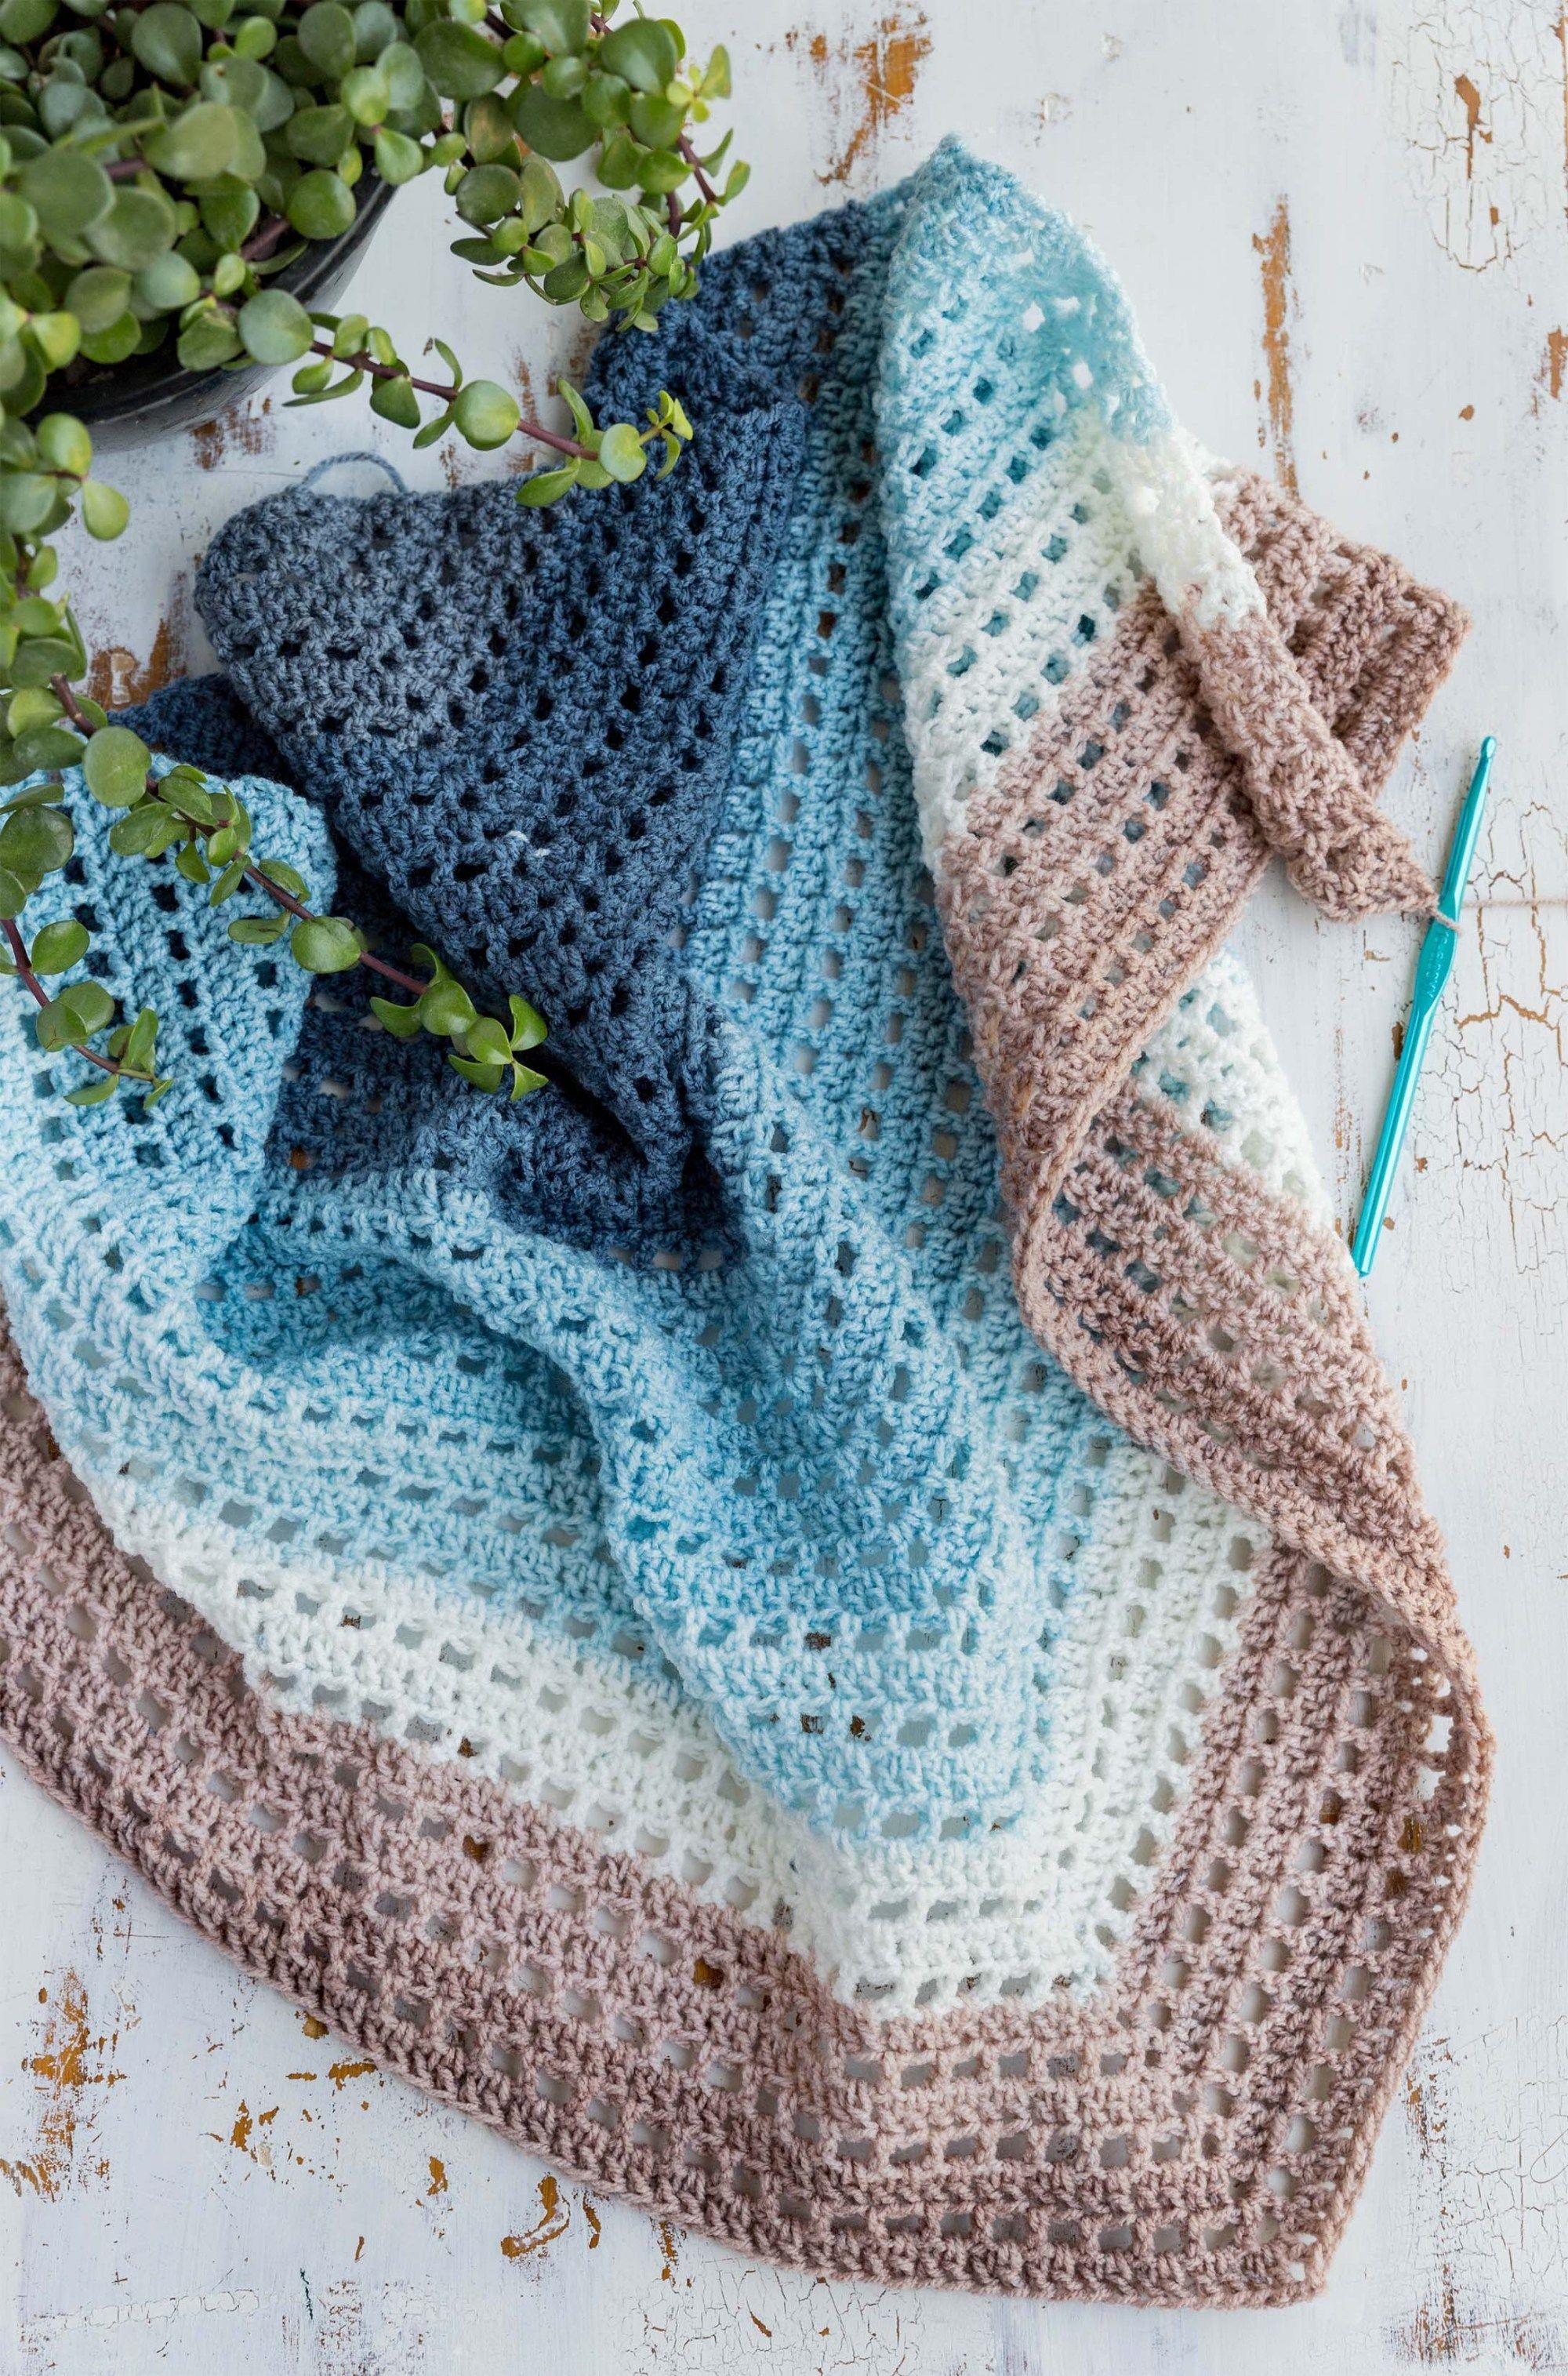 Crochet Wrap - Wishing Well Wrap - Free Crochet Pattern